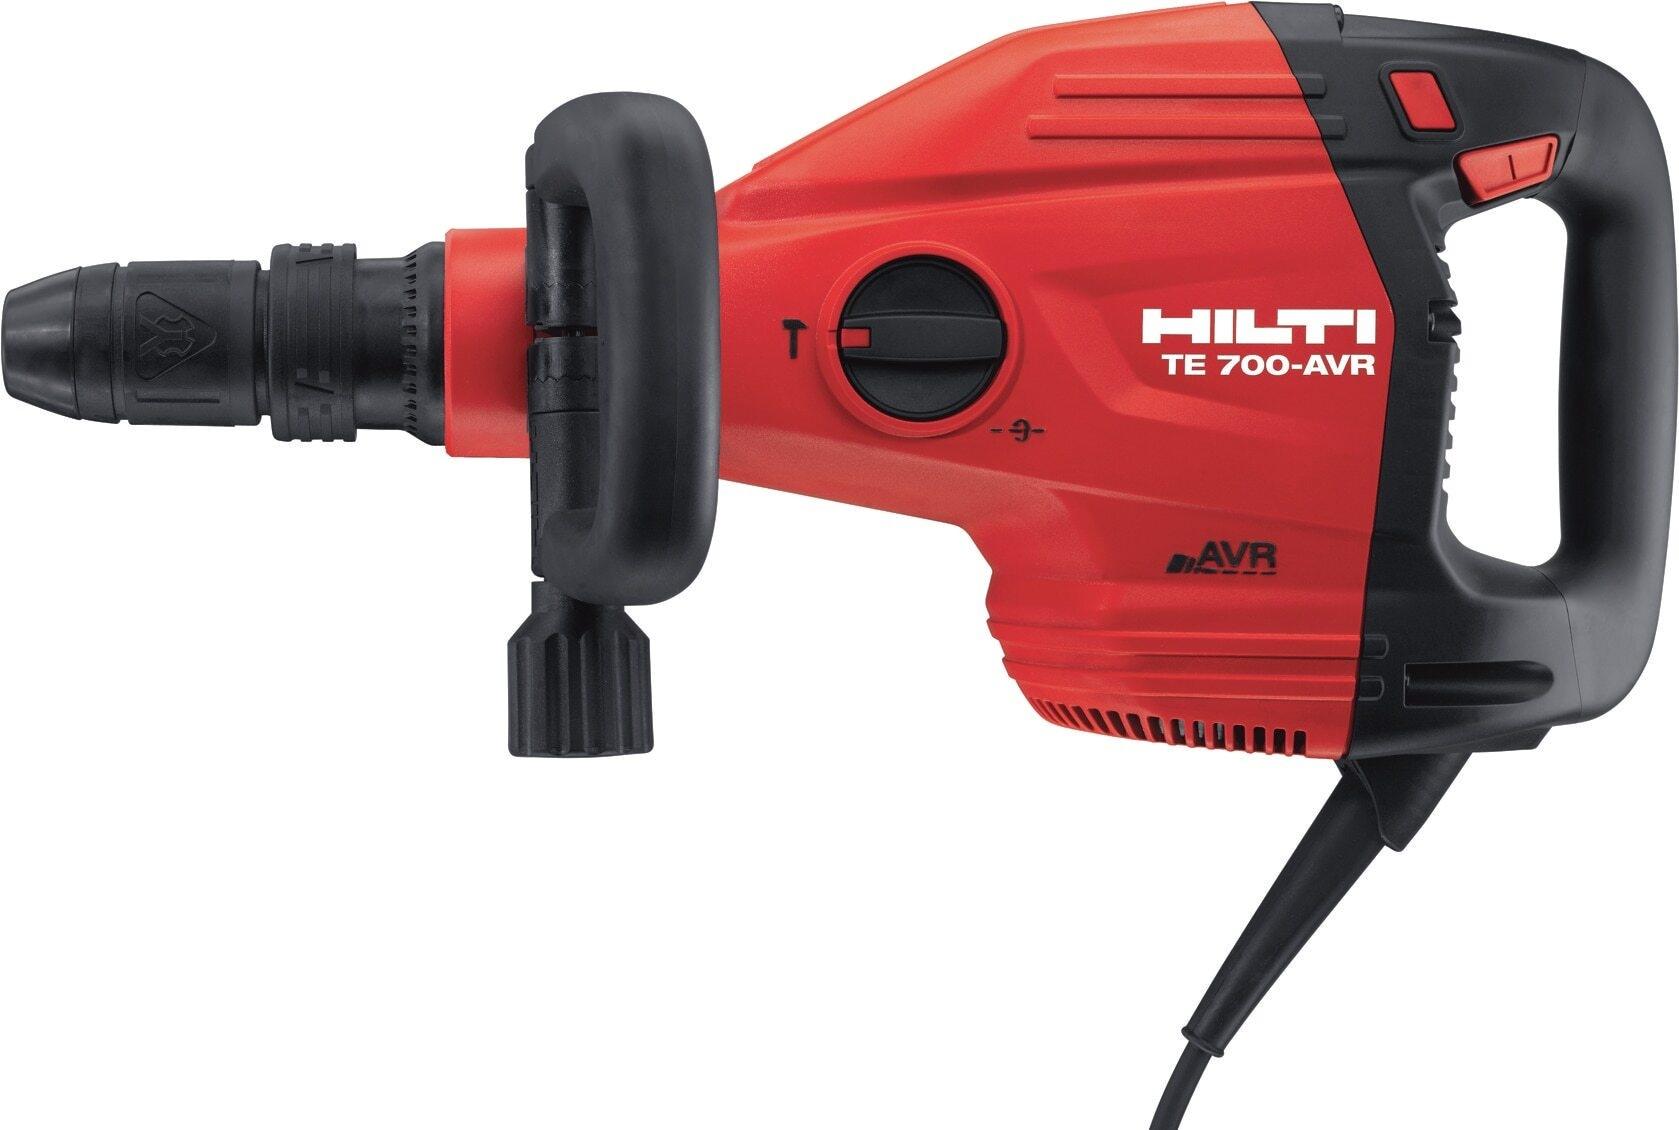 TE 700-AVR 230V